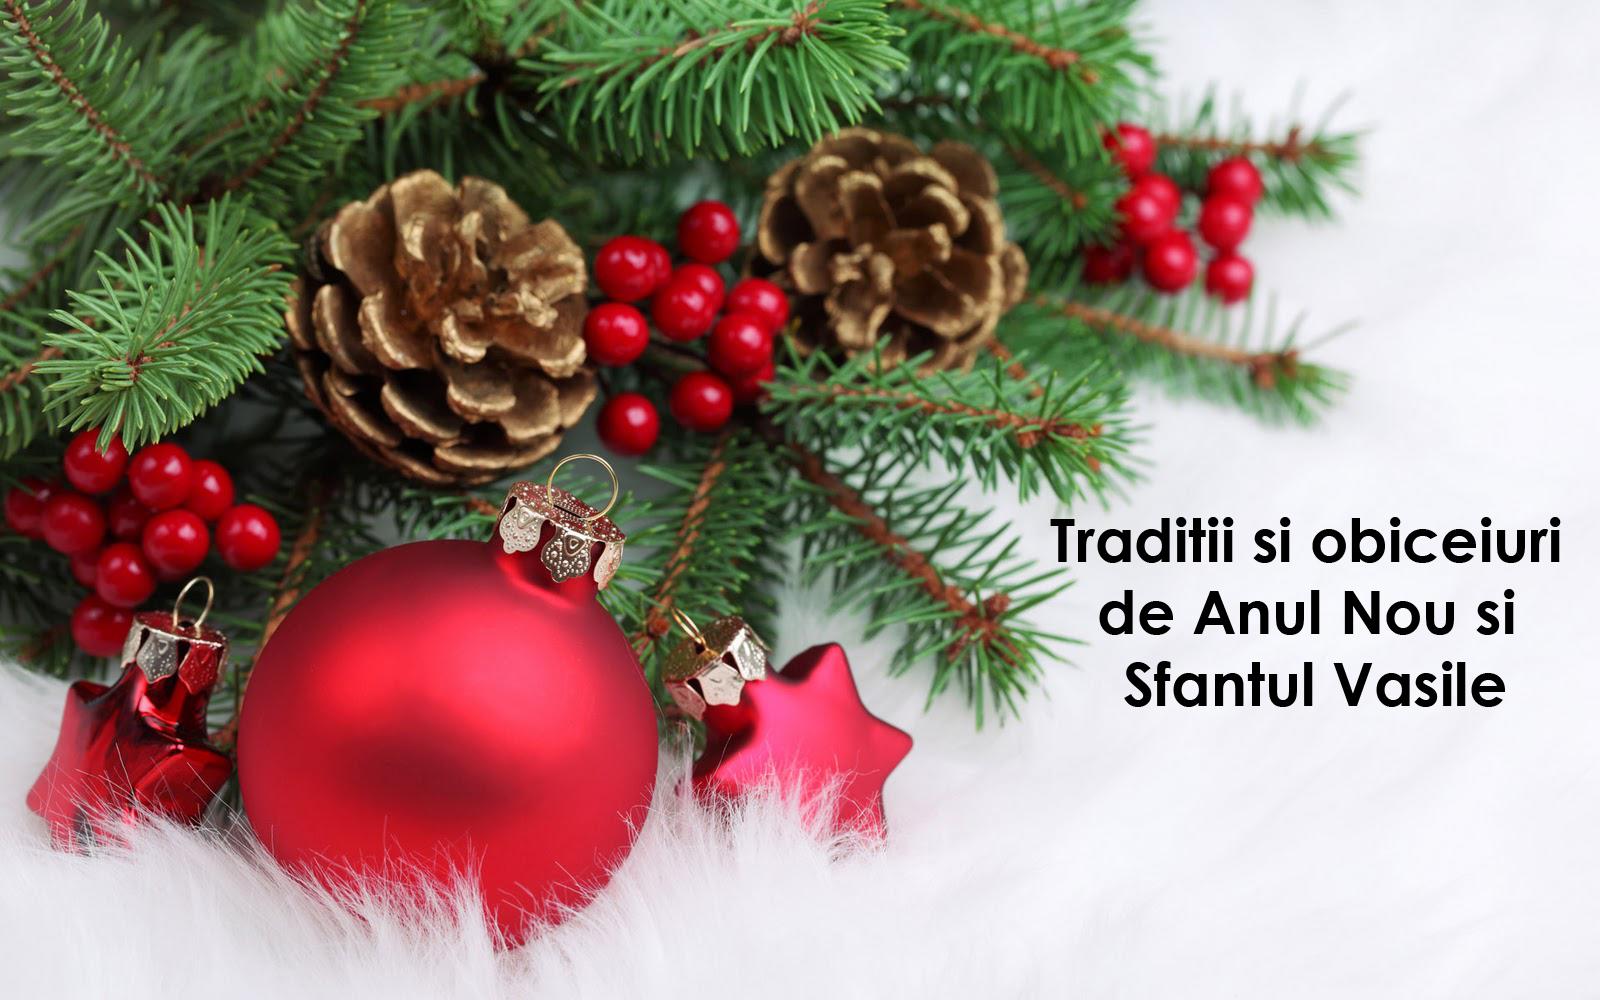 Traditii si obiceiuri de Anul Nou si Sfantul Vasile